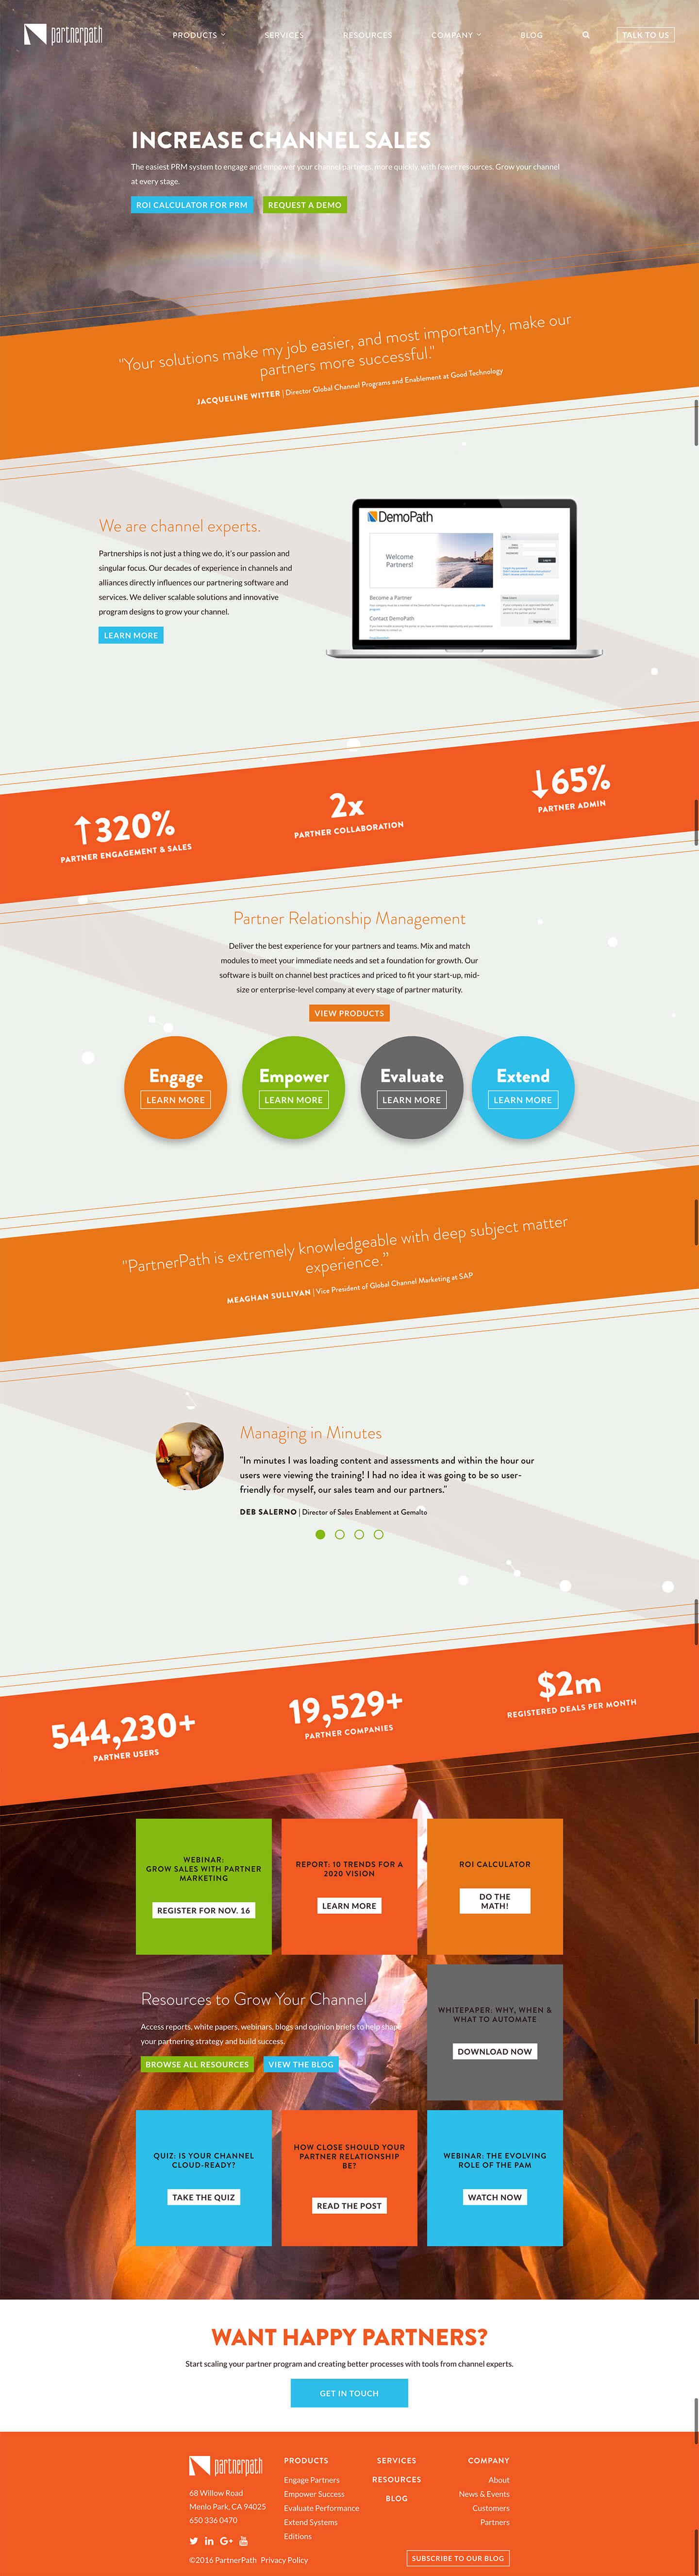 Partnerpath Desktop-1.jpg